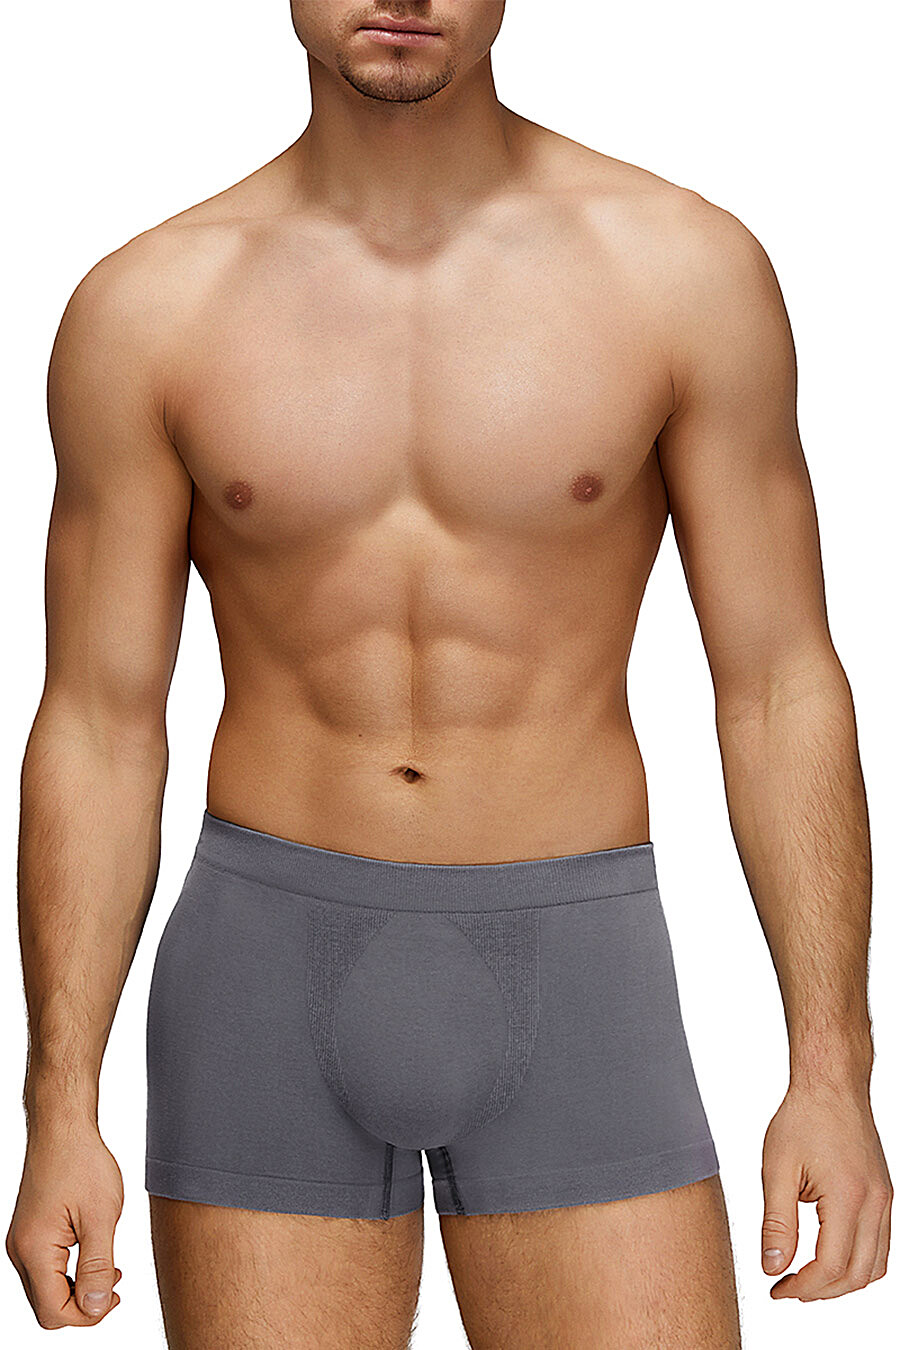 Трусы для мужчин TEKSA 218694 купить оптом от производителя. Совместная покупка мужской одежды в OptMoyo